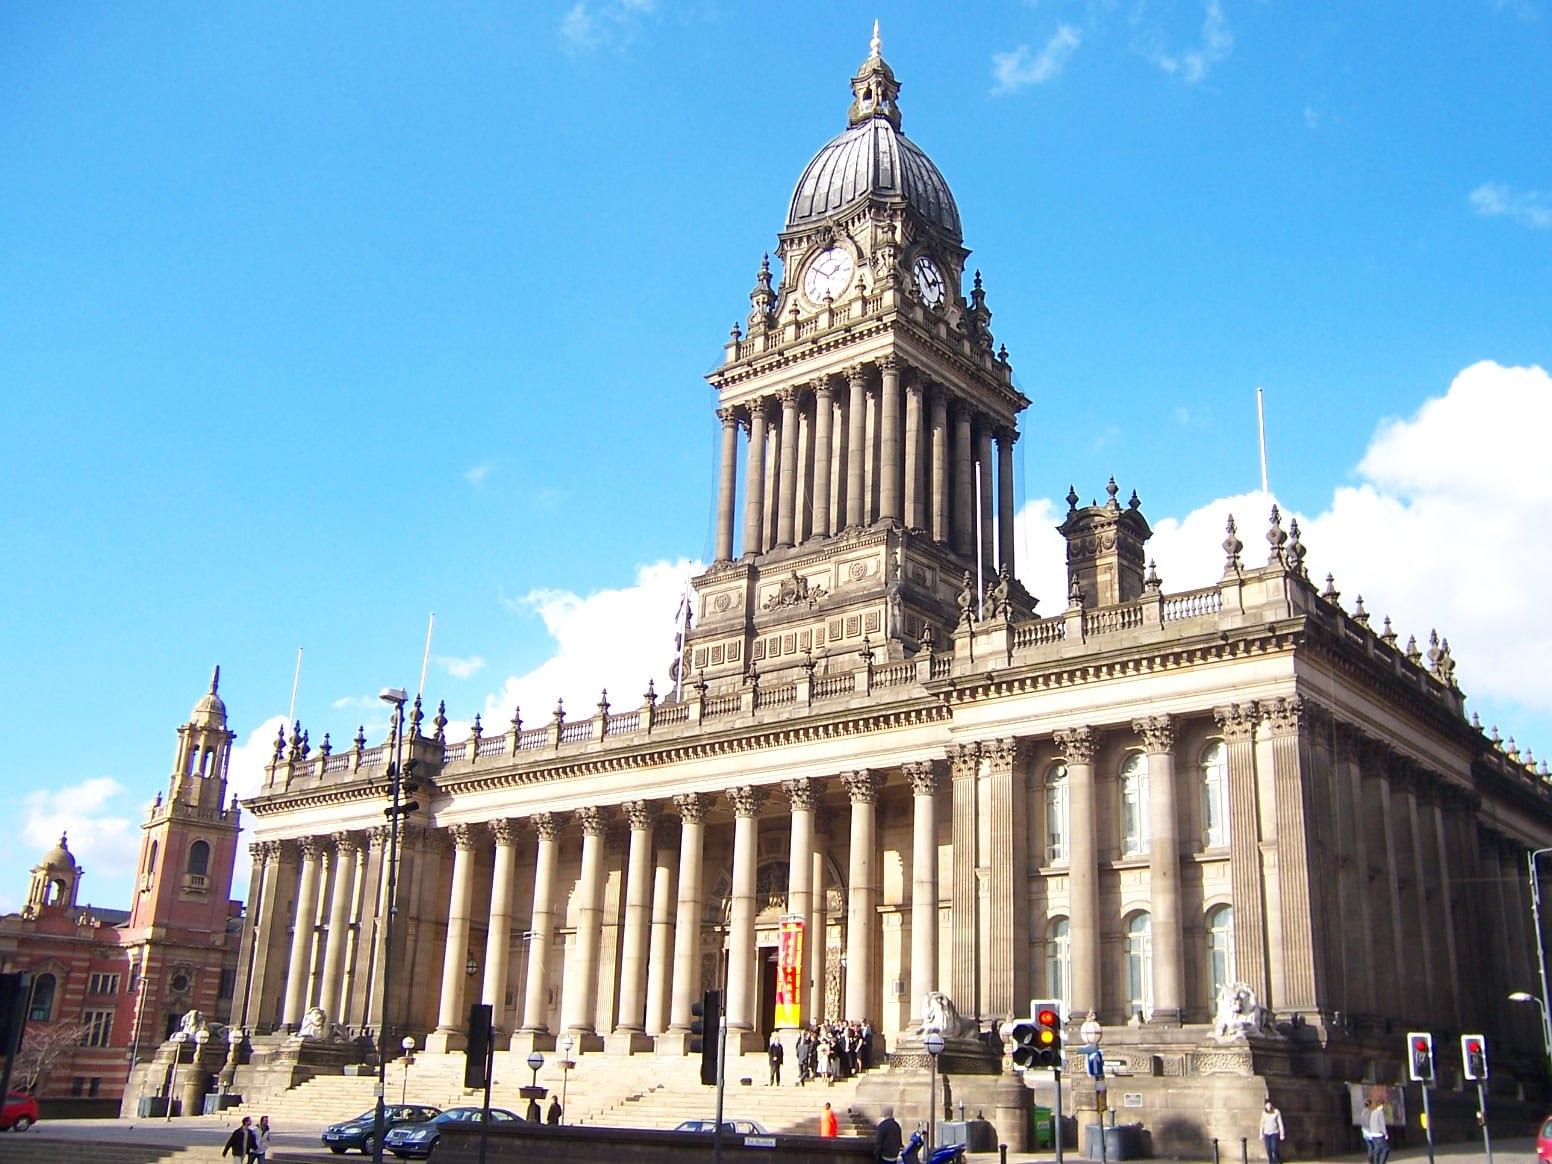 Españoles que se mudan a vivir a Leeds para buscar trabajo o estudiar inglés en intituciones españolas